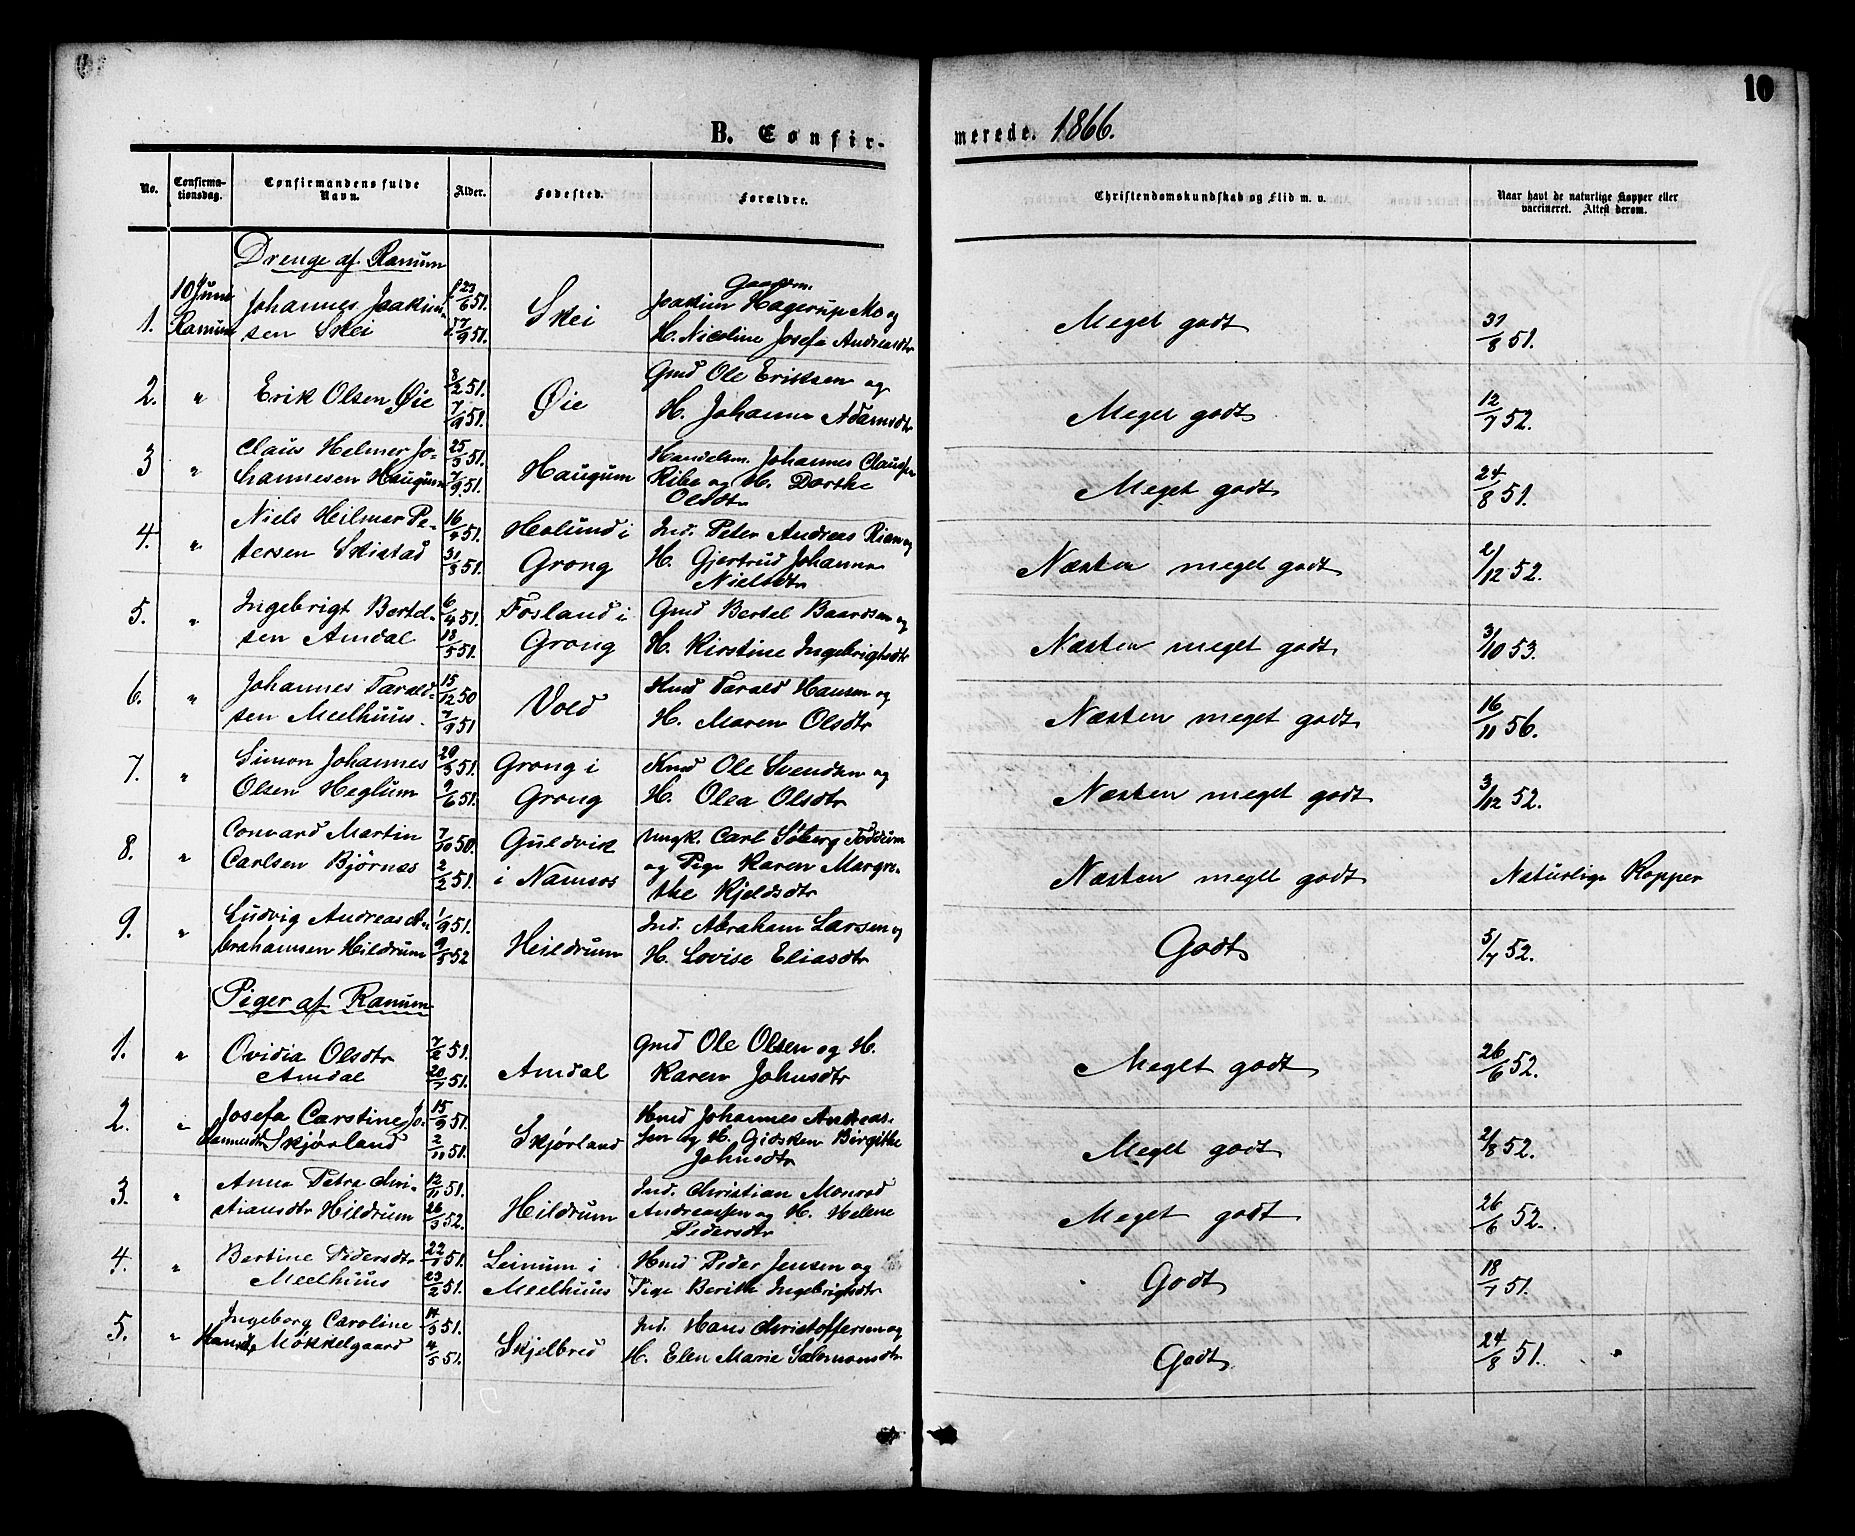 SAT, Ministerialprotokoller, klokkerbøker og fødselsregistre - Nord-Trøndelag, 764/L0553: Ministerialbok nr. 764A08, 1858-1880, s. 10